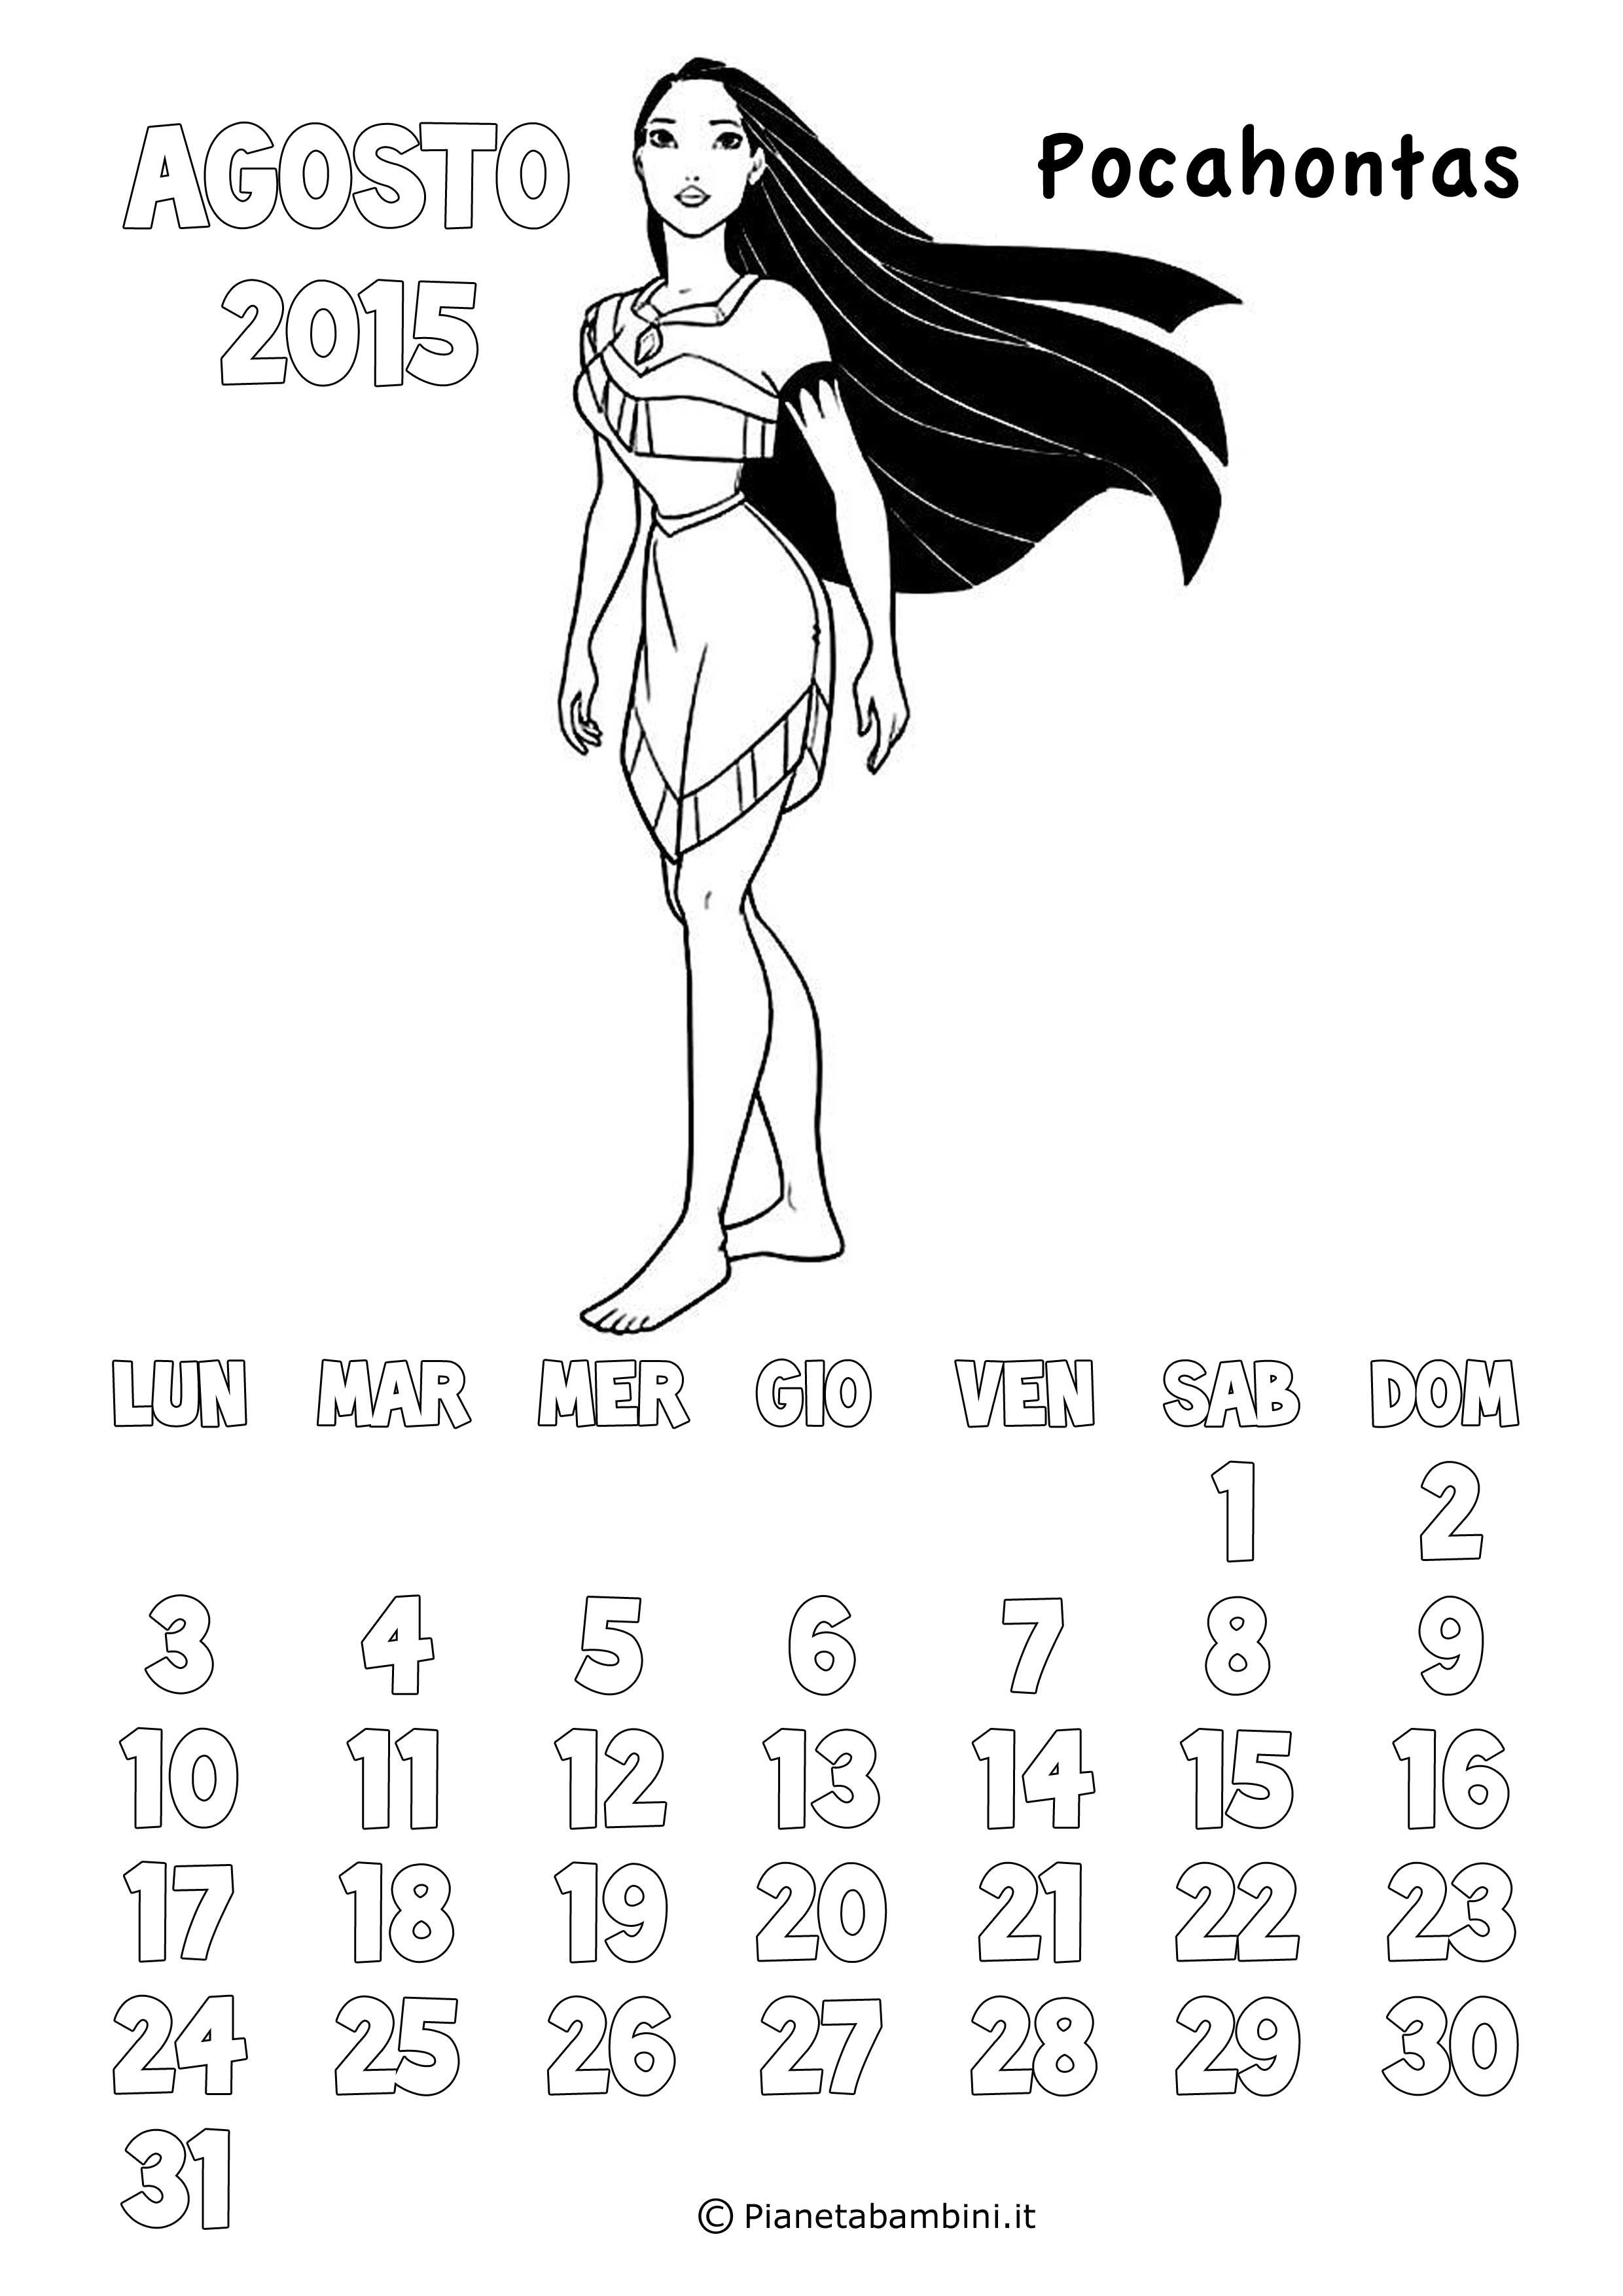 Agosto-2015-Pocahontas